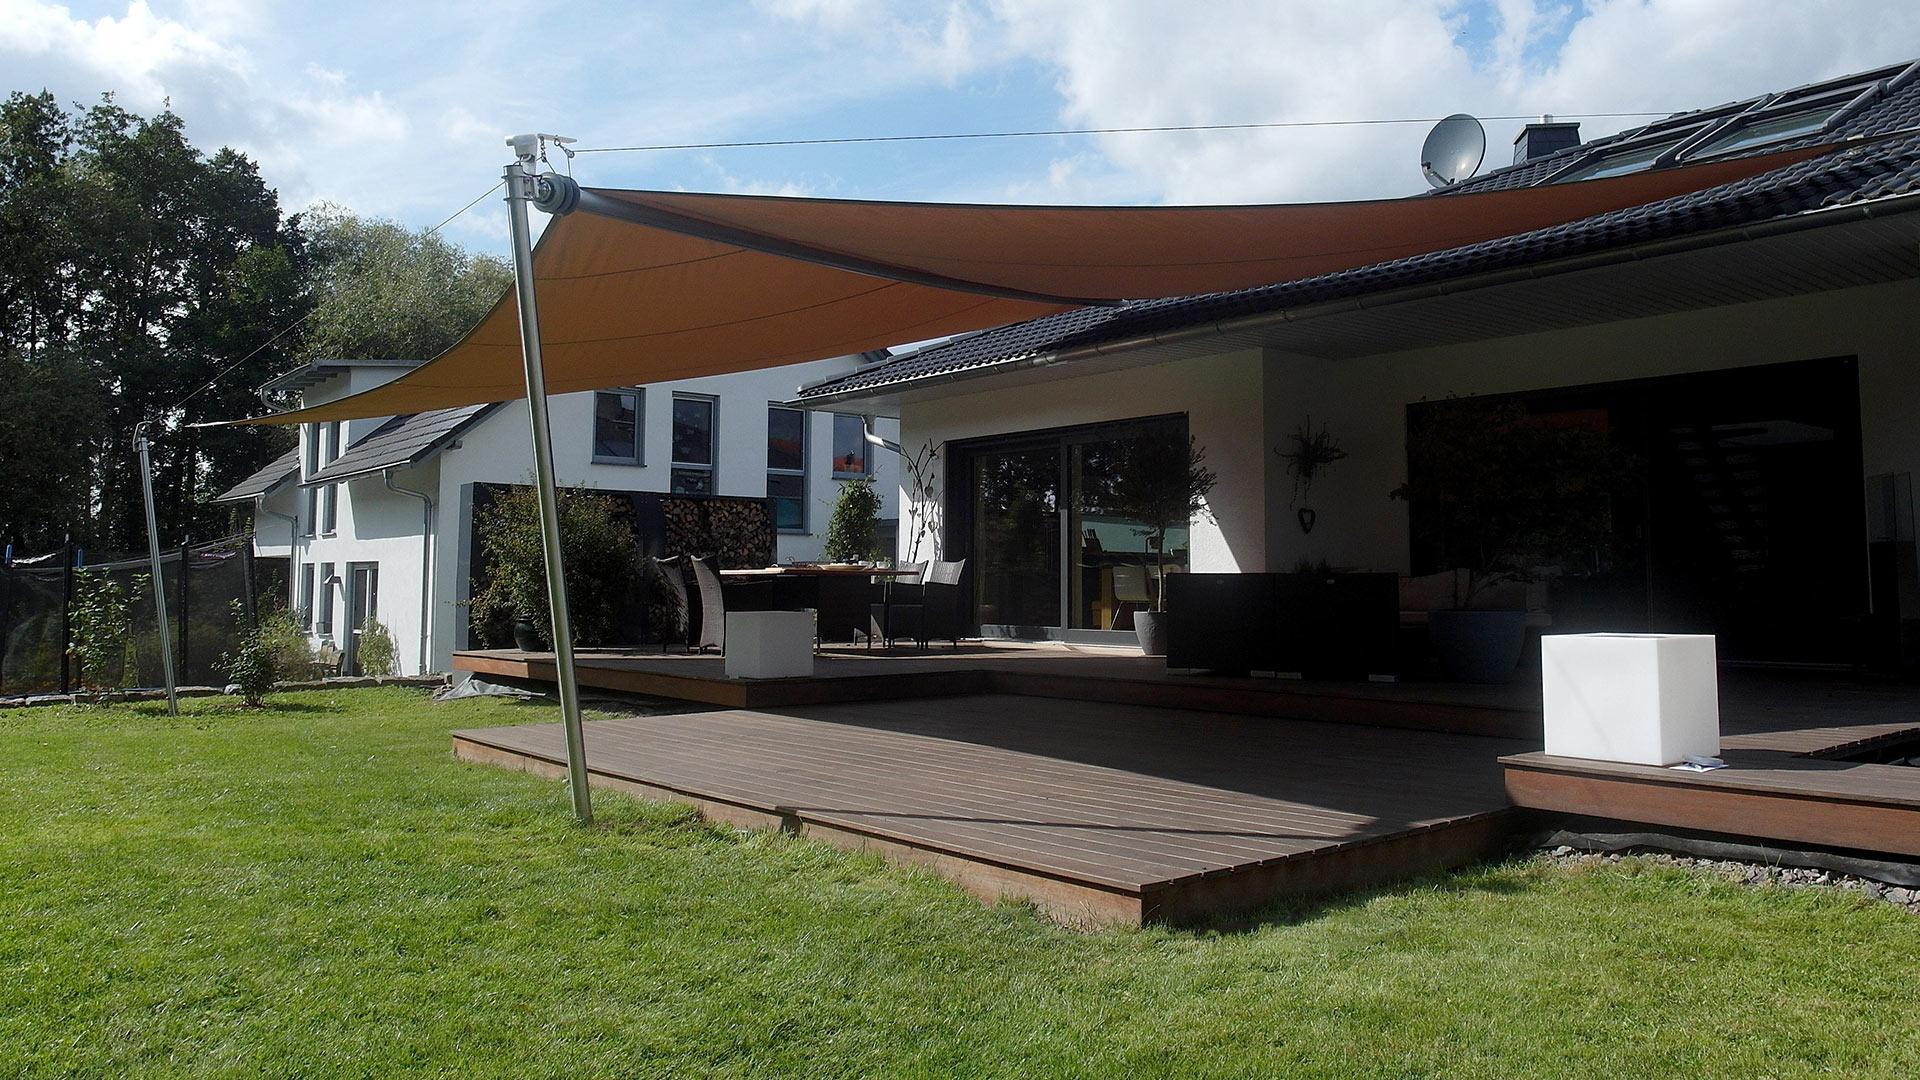 Elektrisches Sonnensegel über einer Terrasse